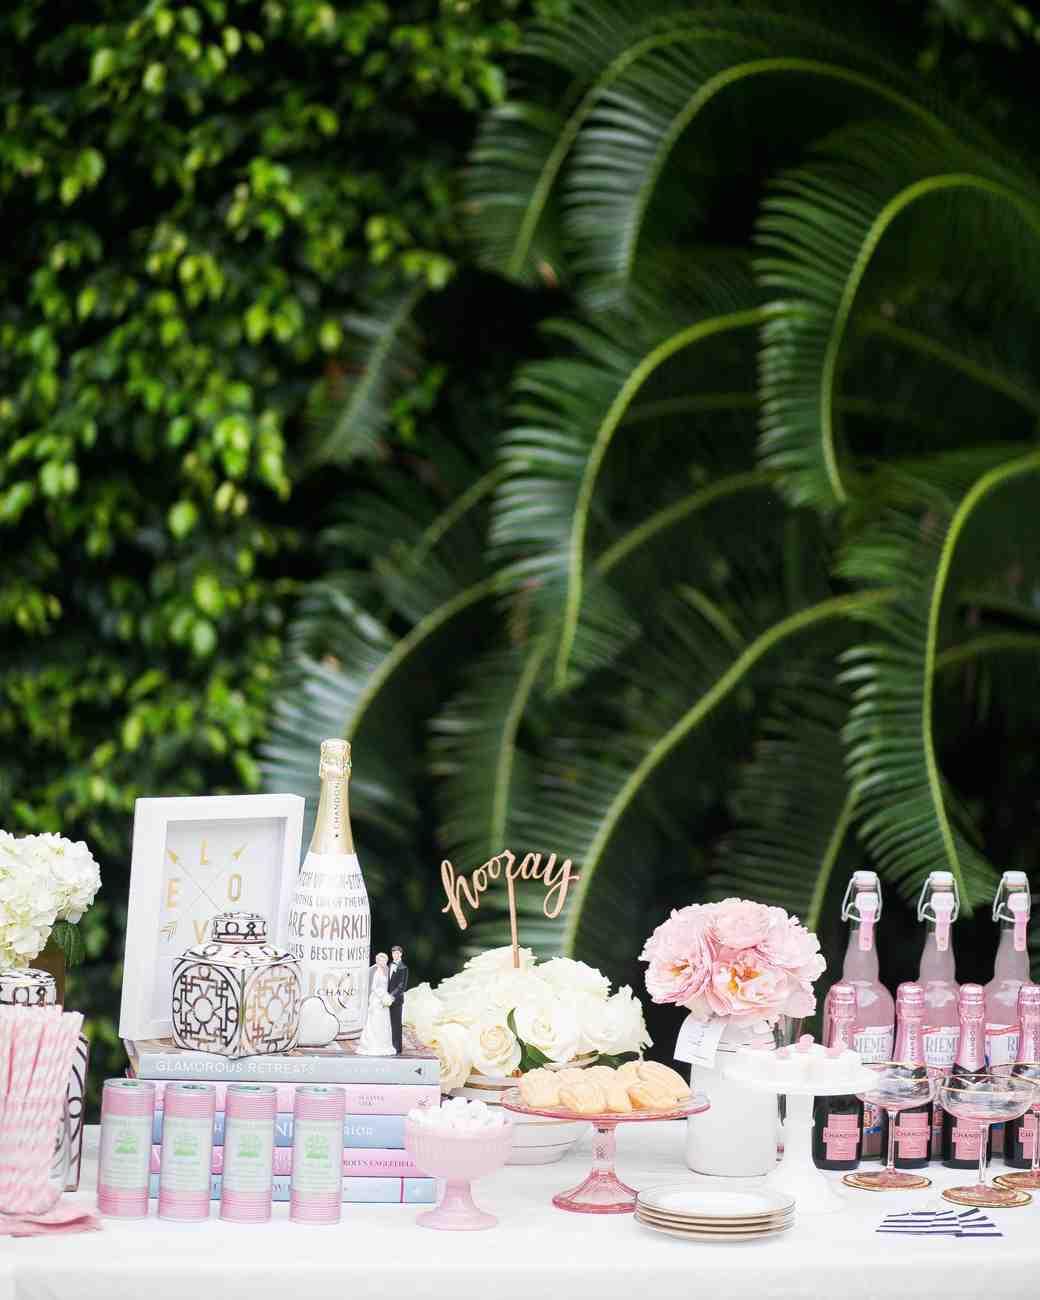 The Essential Elements of a Bridal Shower Dessert Bar  Martha Stewart Weddings